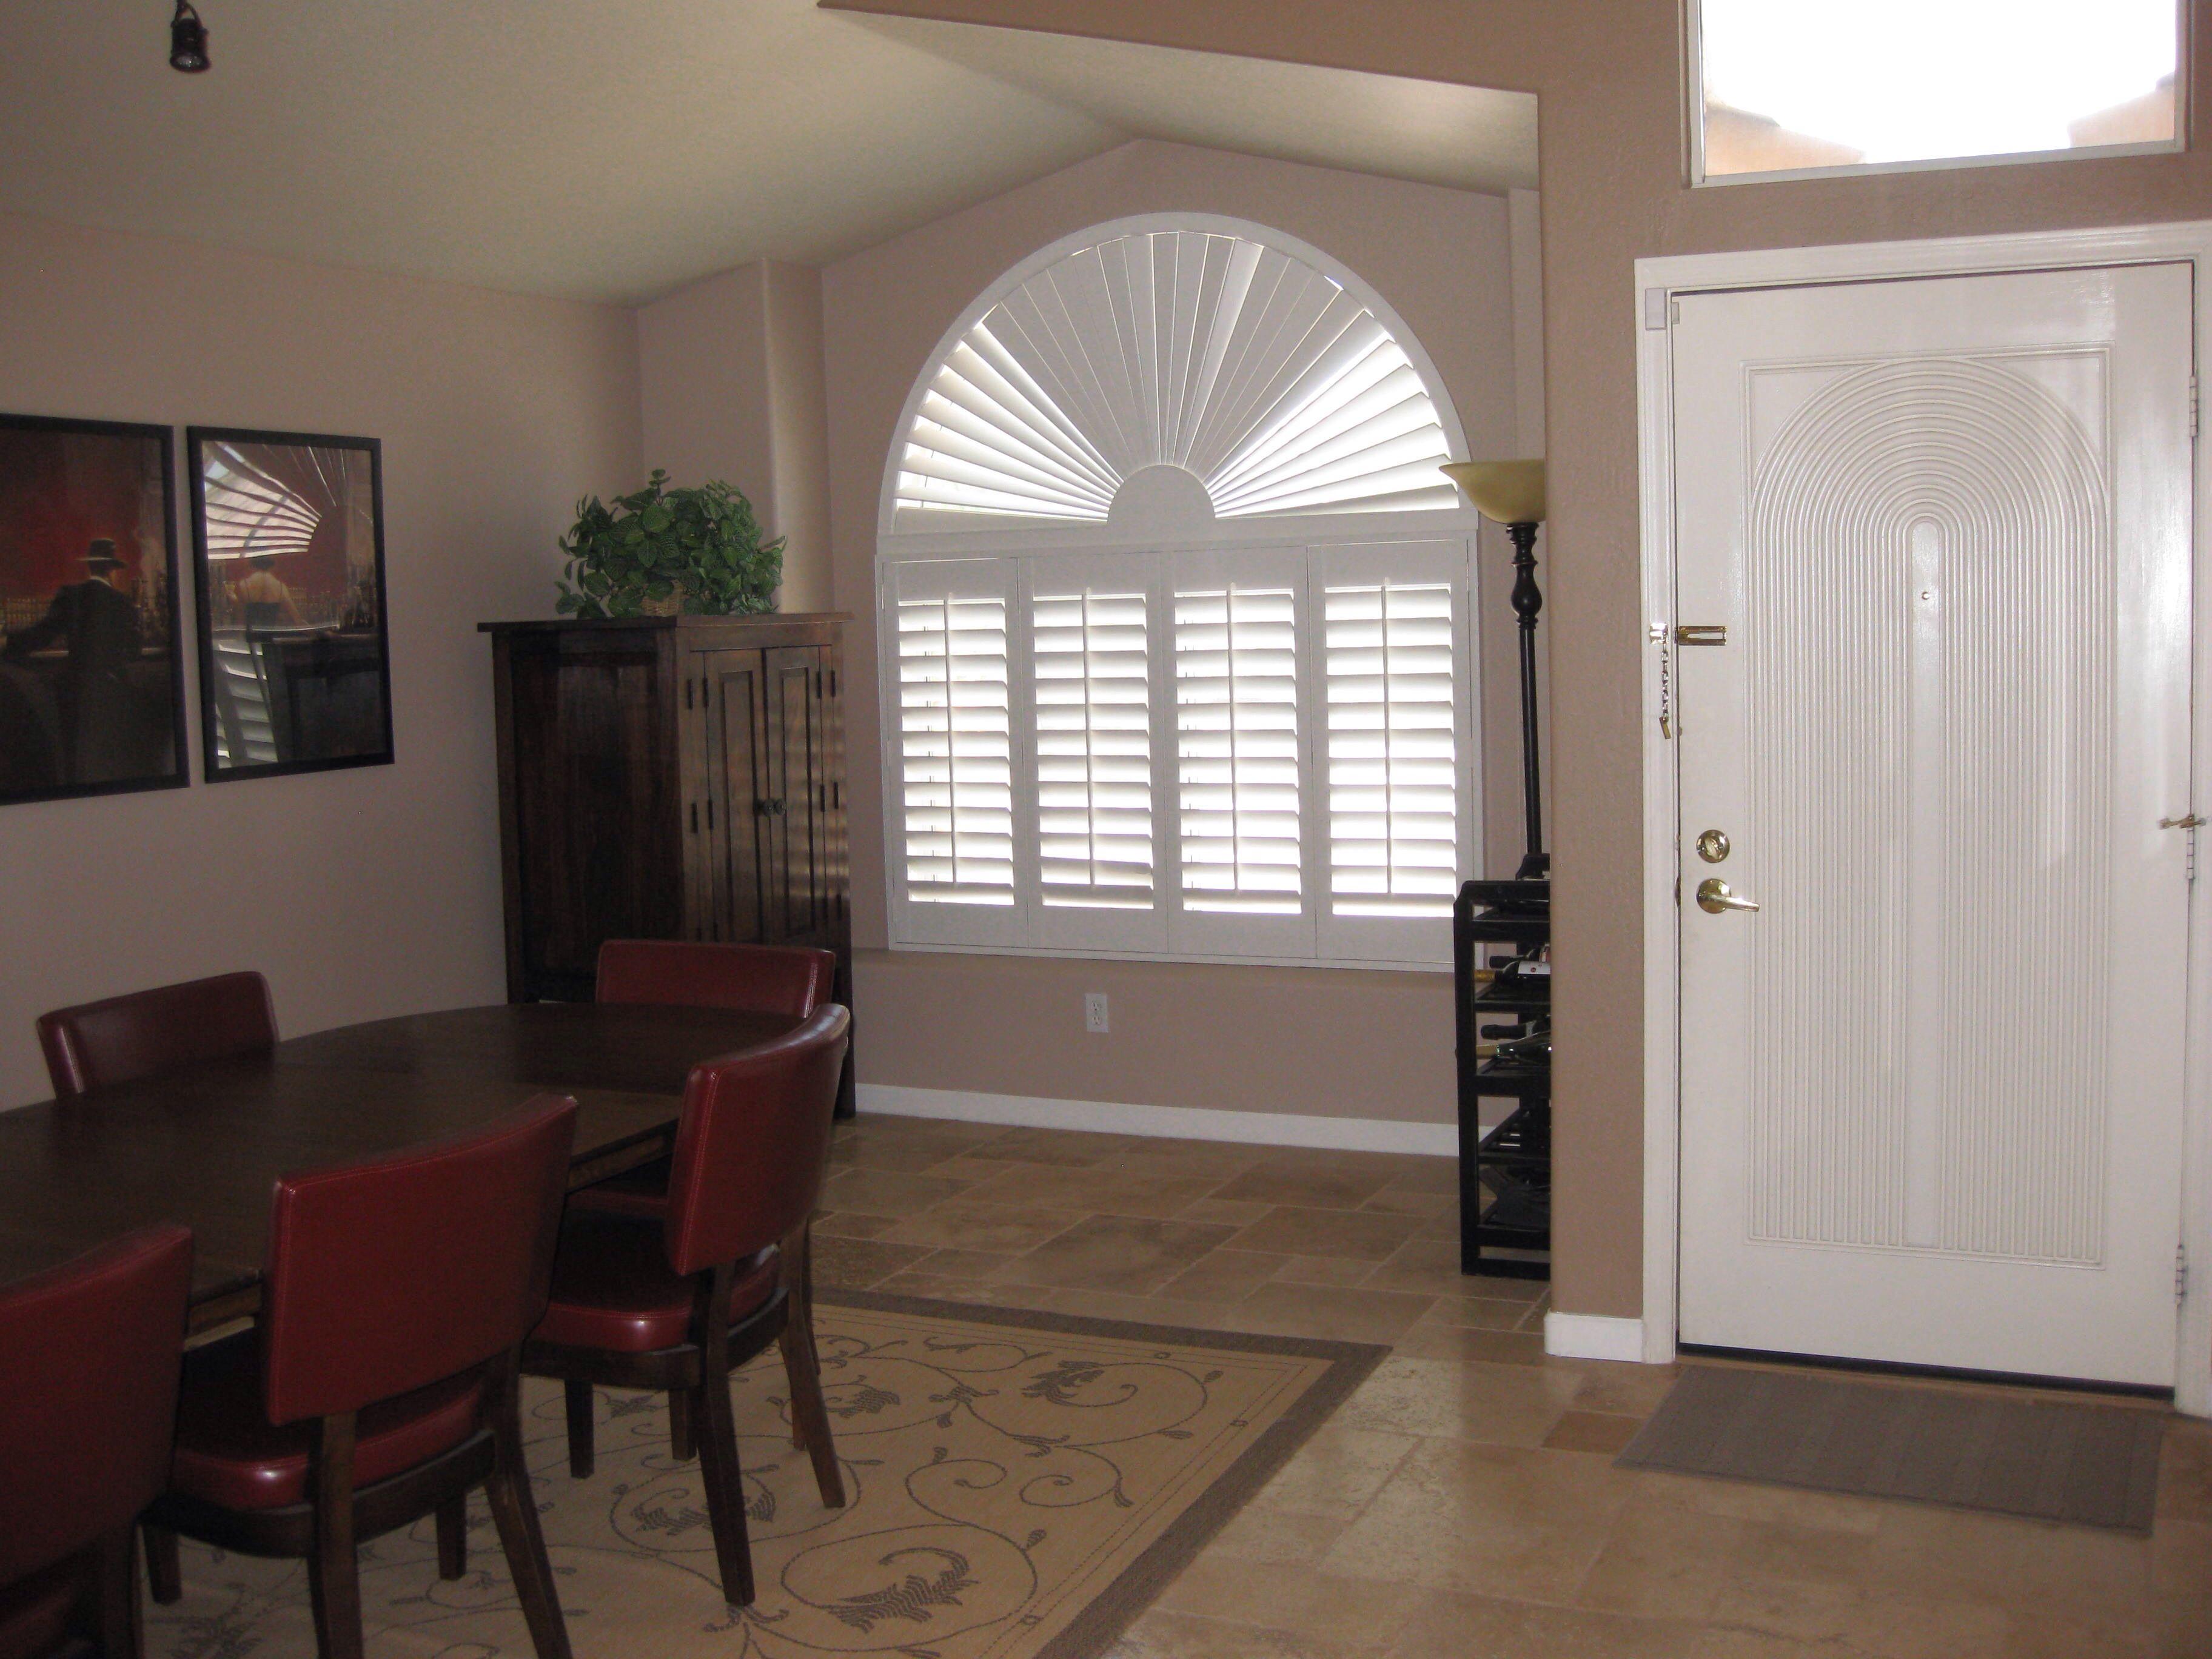 dining room entry formal dining room entrance pinterest. Black Bedroom Furniture Sets. Home Design Ideas